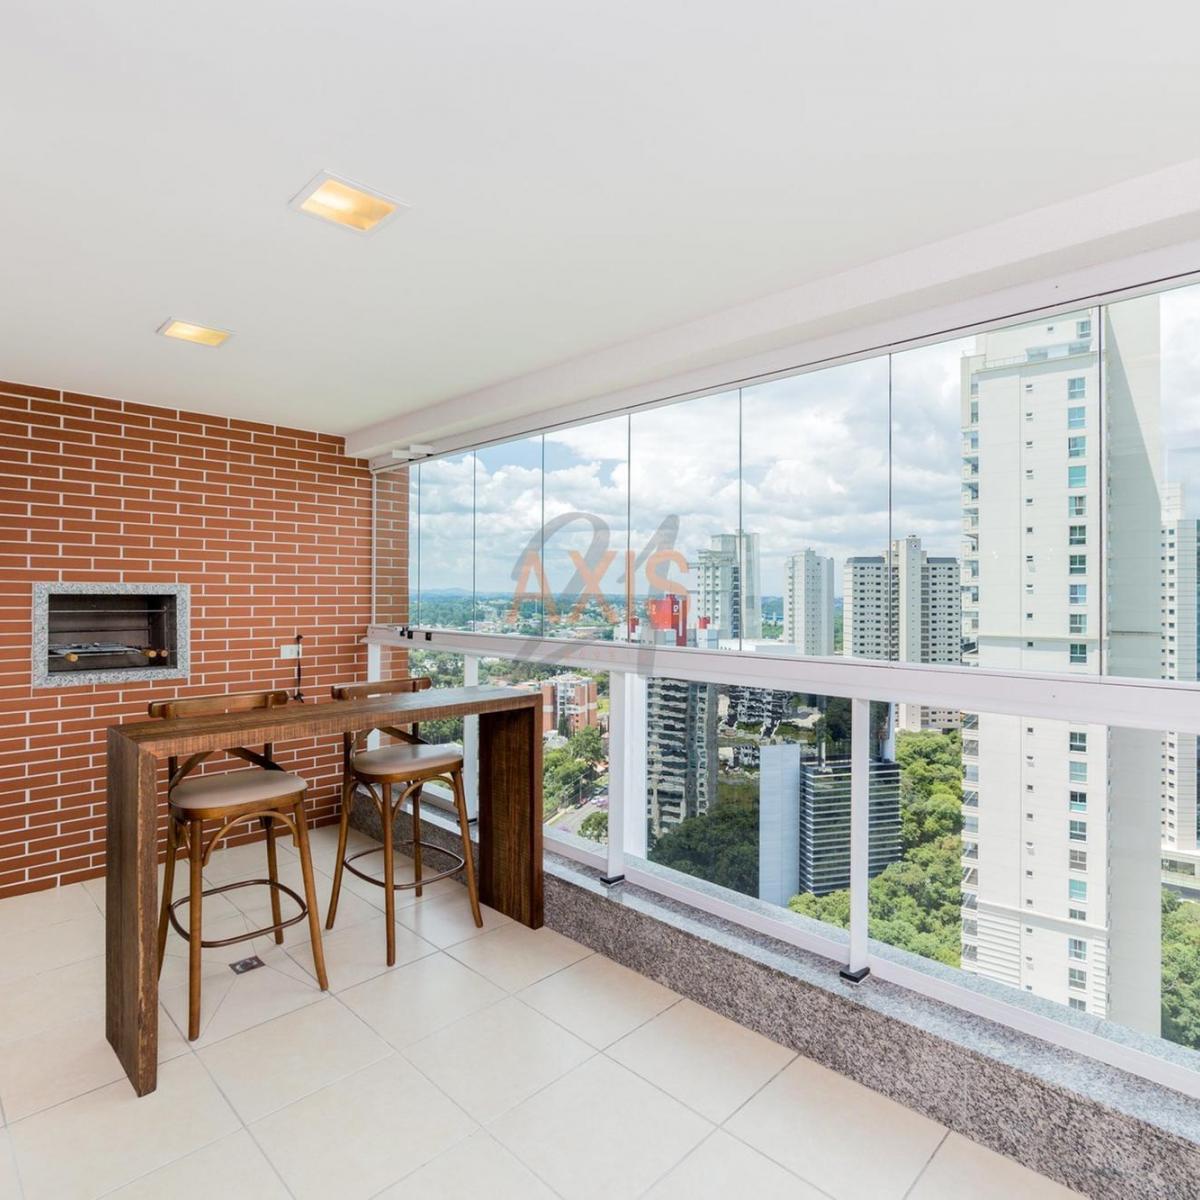 http://www.infocenterhost2.com.br/crm/fotosimovel/446146/105306339-apartamento-curitiba-campo-comprido_marcadagua.jpg